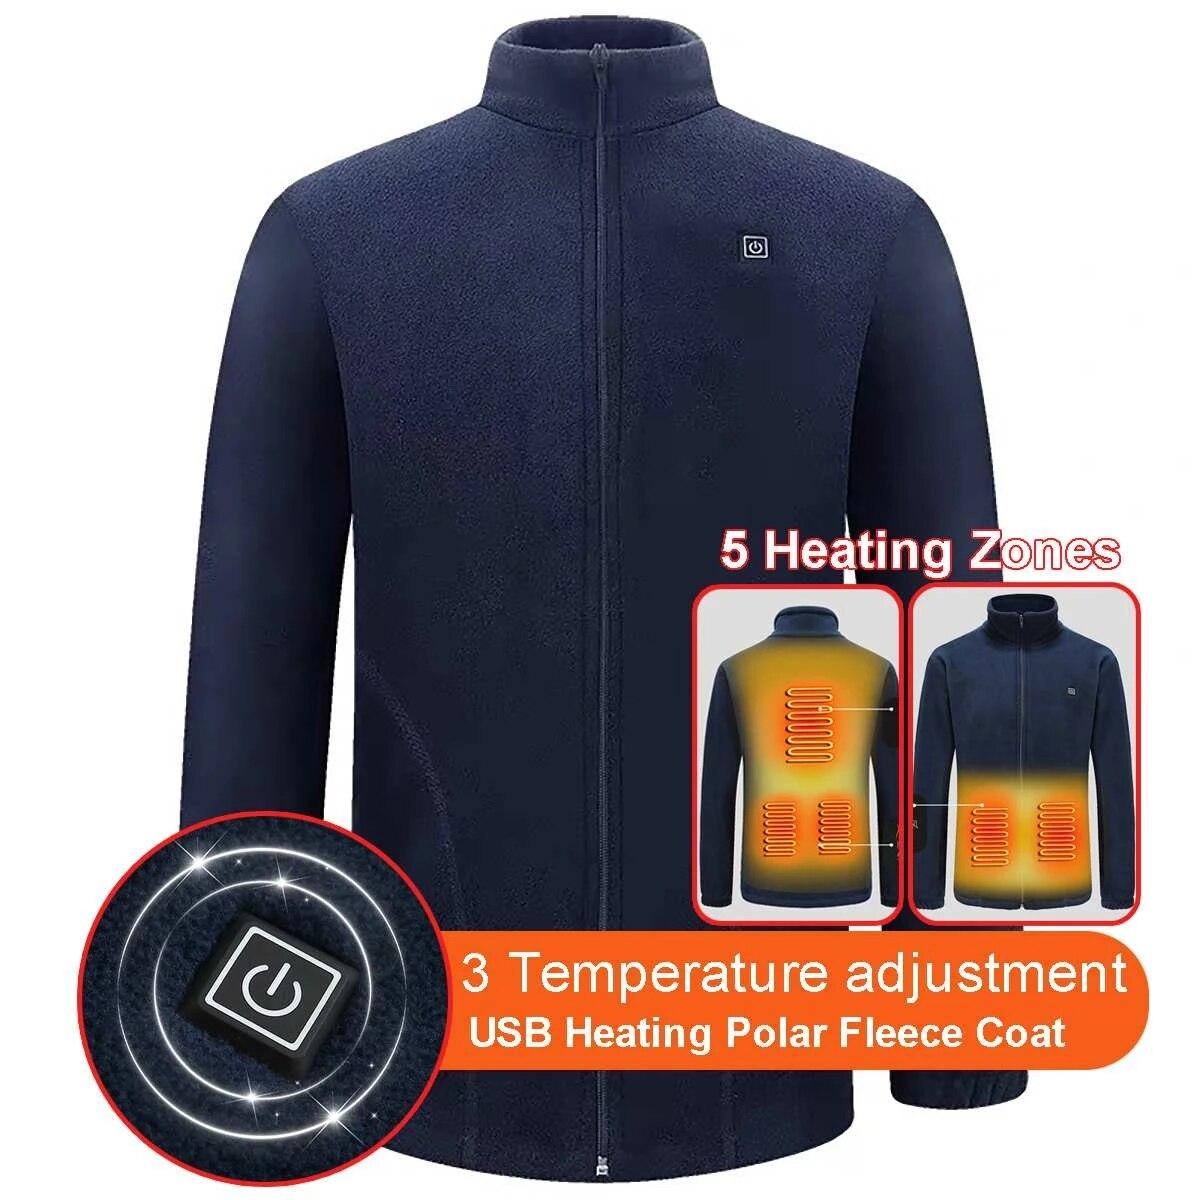 الرجال التدفئة الكهربائية البلوزات الخريف سميكة معاطف جاكيتات الصوف معاطف 5 مناطق التدفئة موضة ضئيلة معطف طويل تريكو